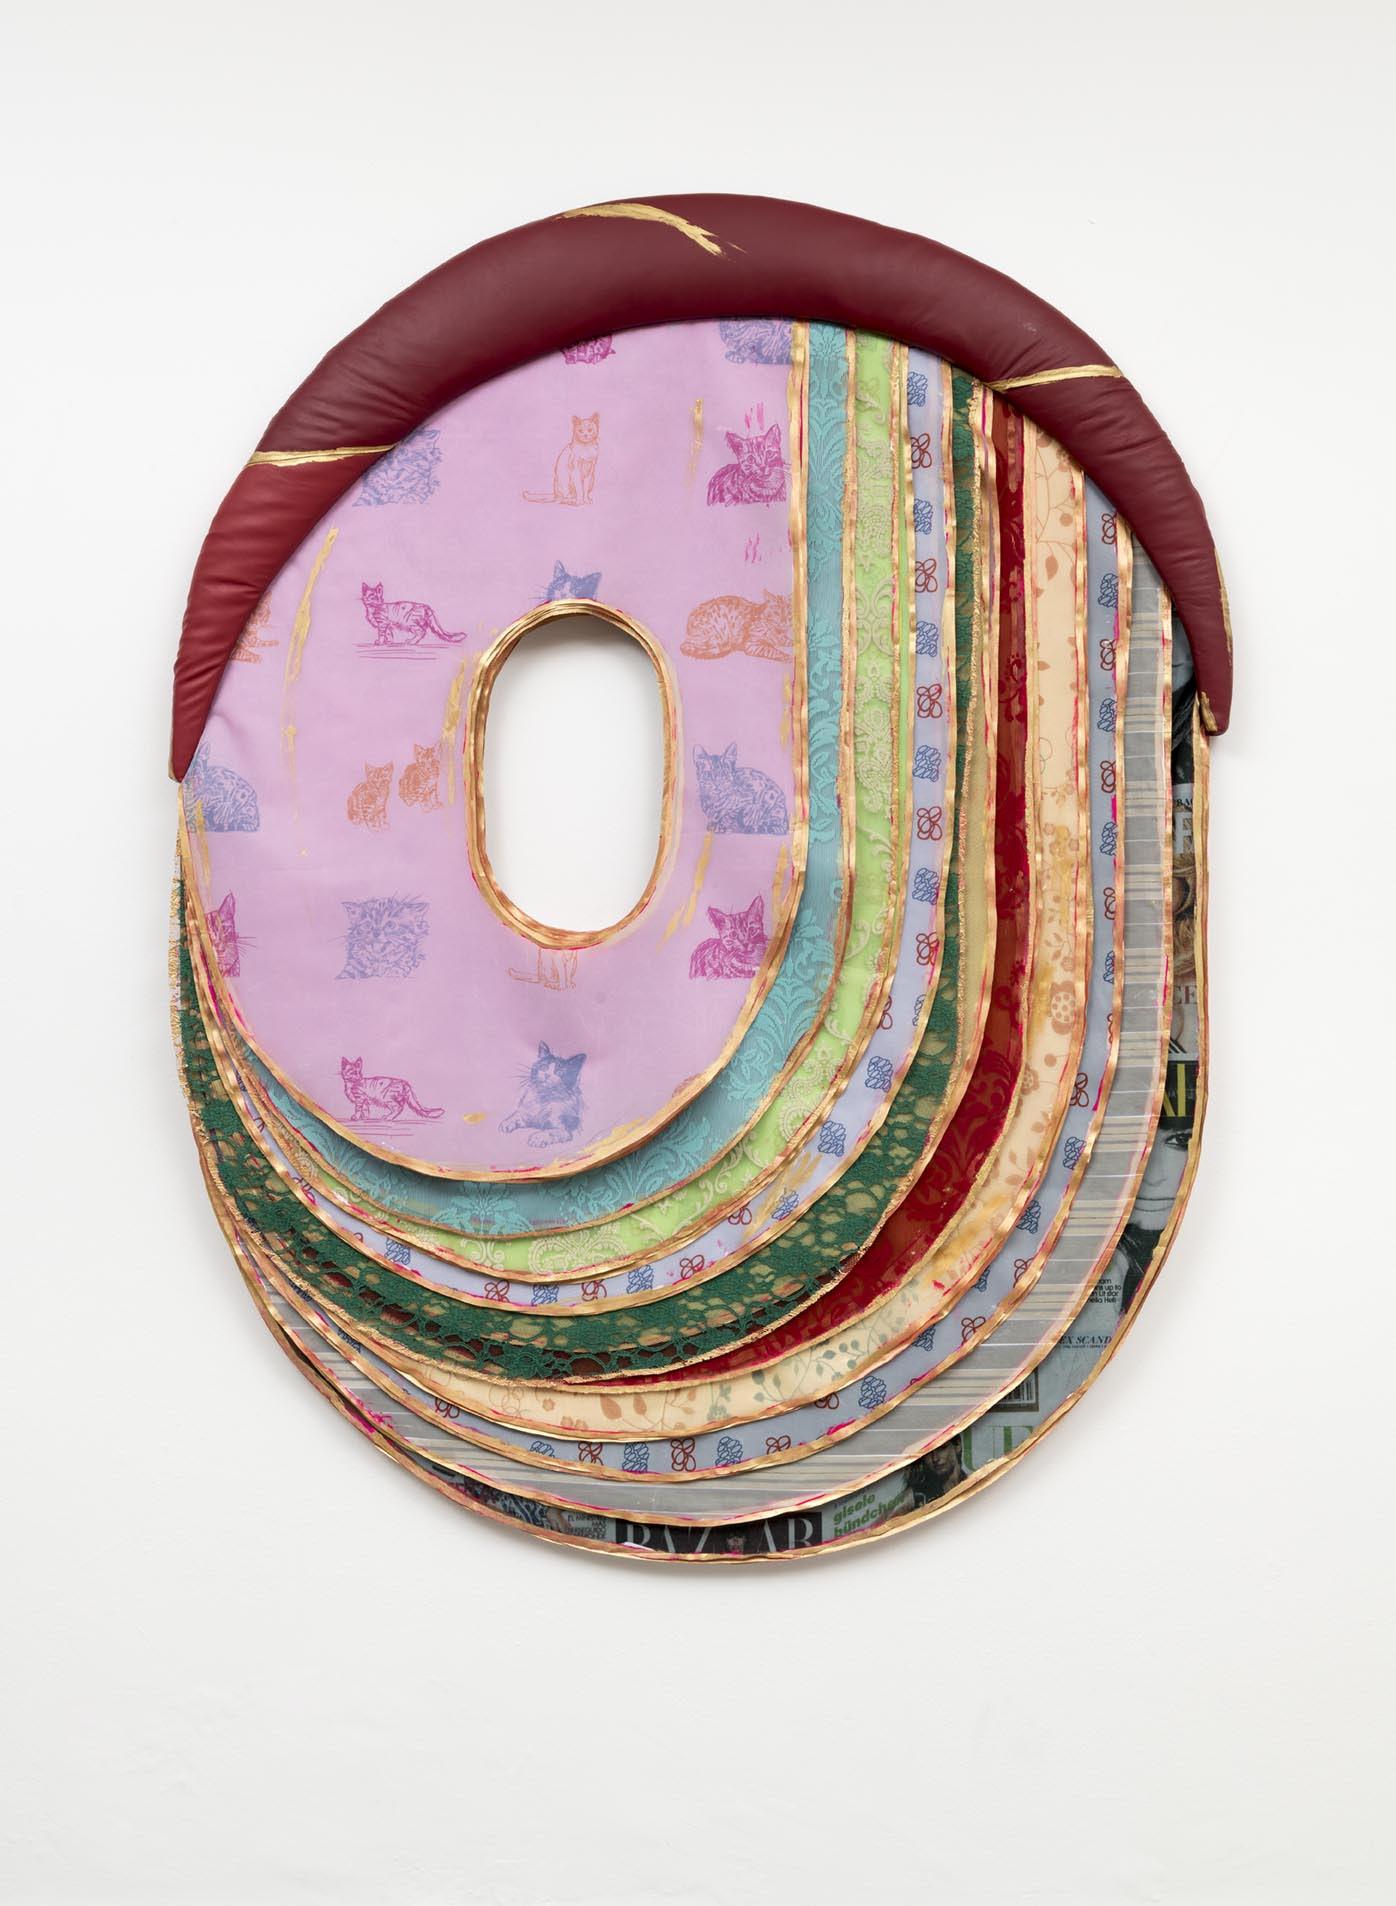 Leda Catunda,  Gatinhos, 2017, acrílica sobre voile, tecido, madeira e couro [a crylic on voile, cloth, wood and leather ] 162 x 124 cm